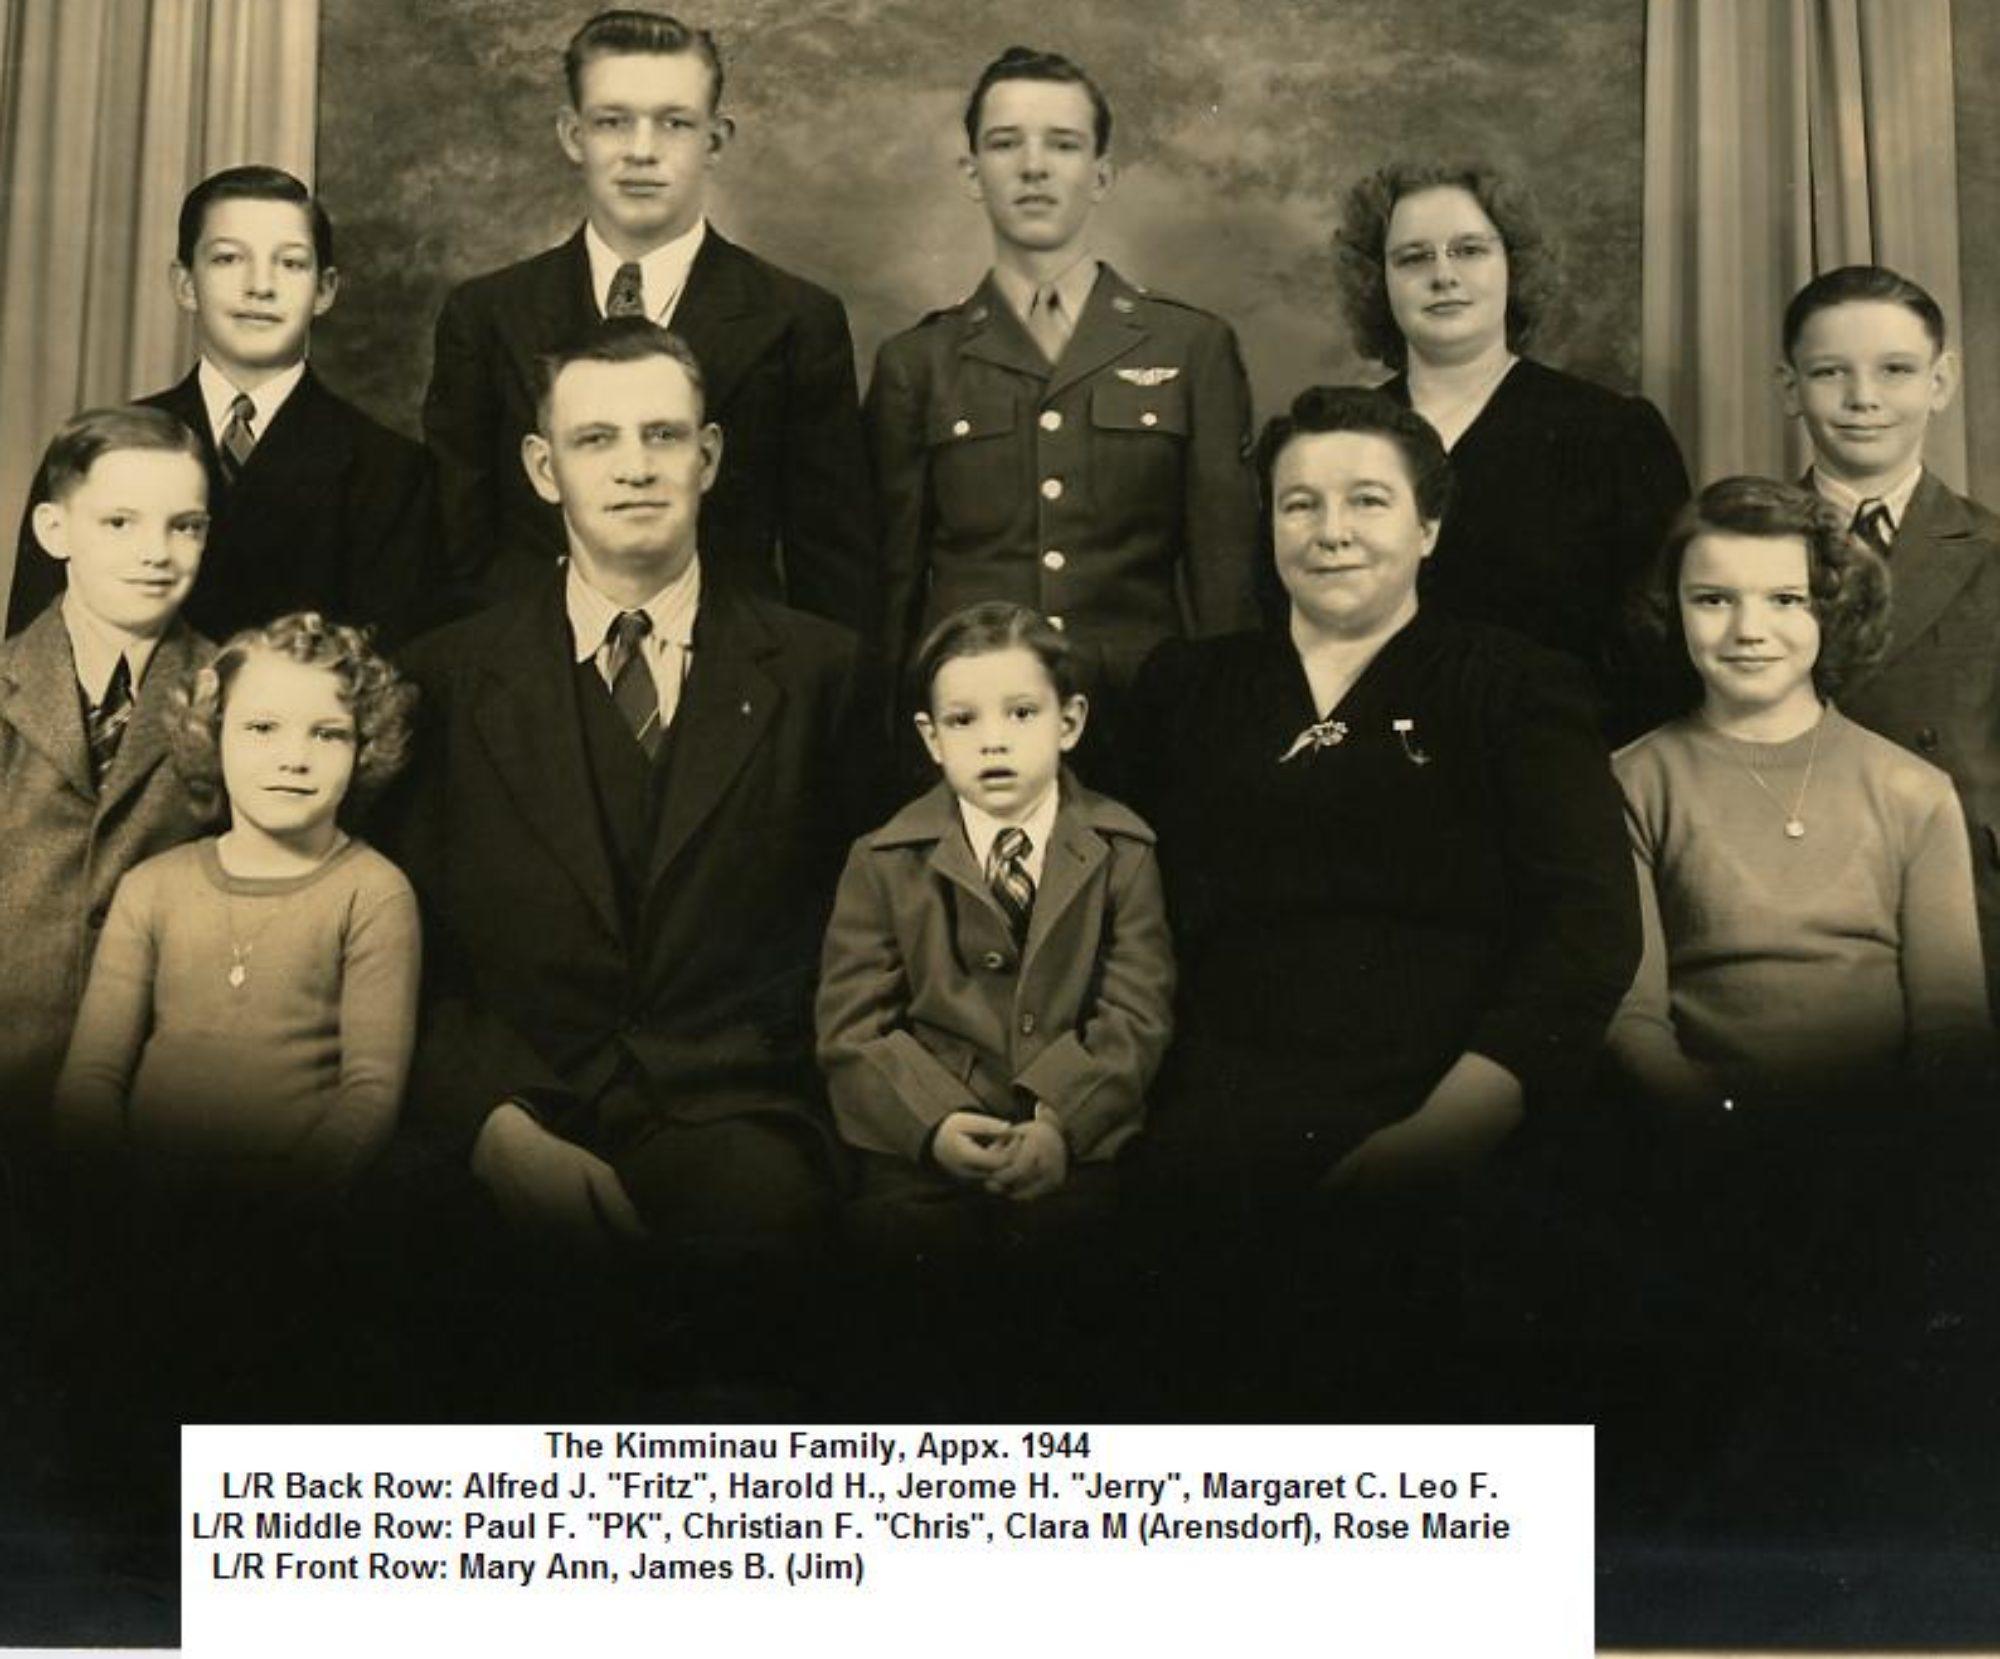 The Kimminau Family